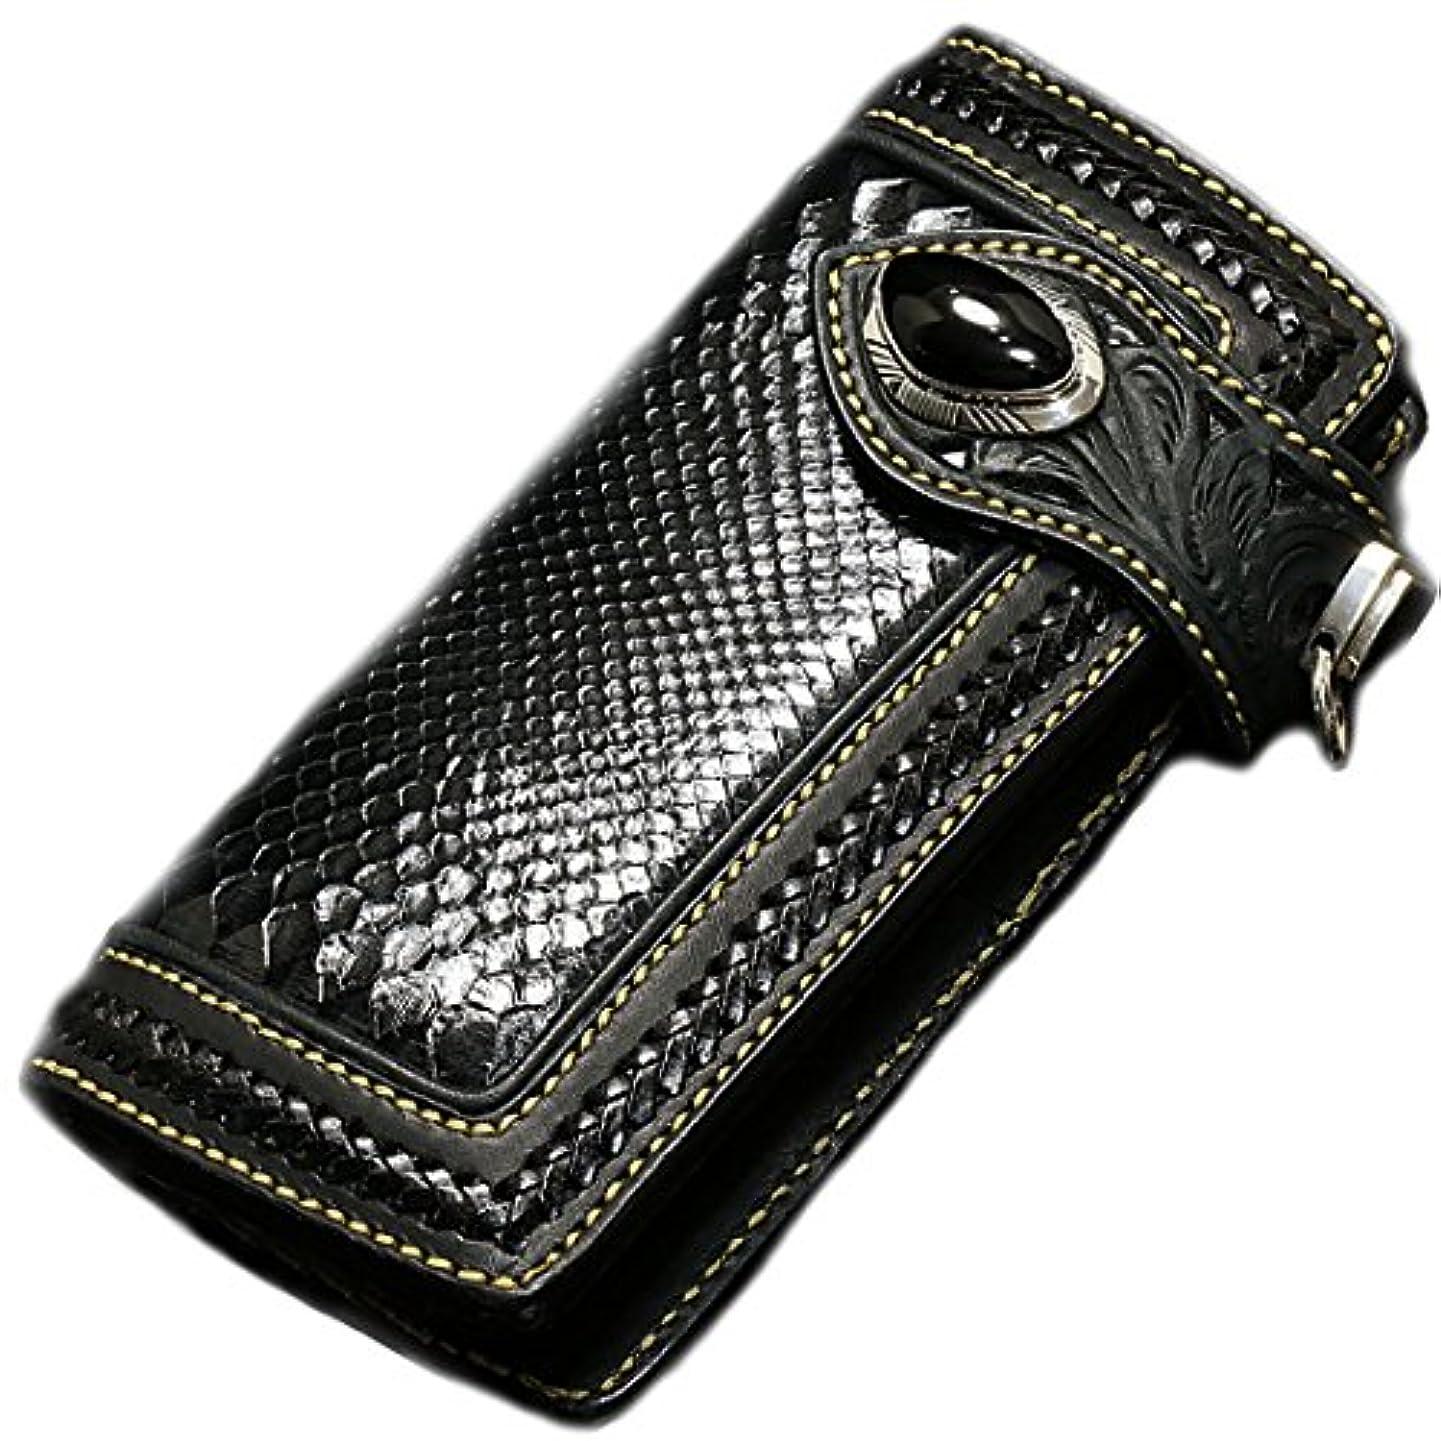 不適恐れ枝メンズ 財布 バイカーズウォレット レザーウォレット 本革 レザー 3重装飾 ブラック パイソン 蛇 透かし彫り カービング パイソン 黒